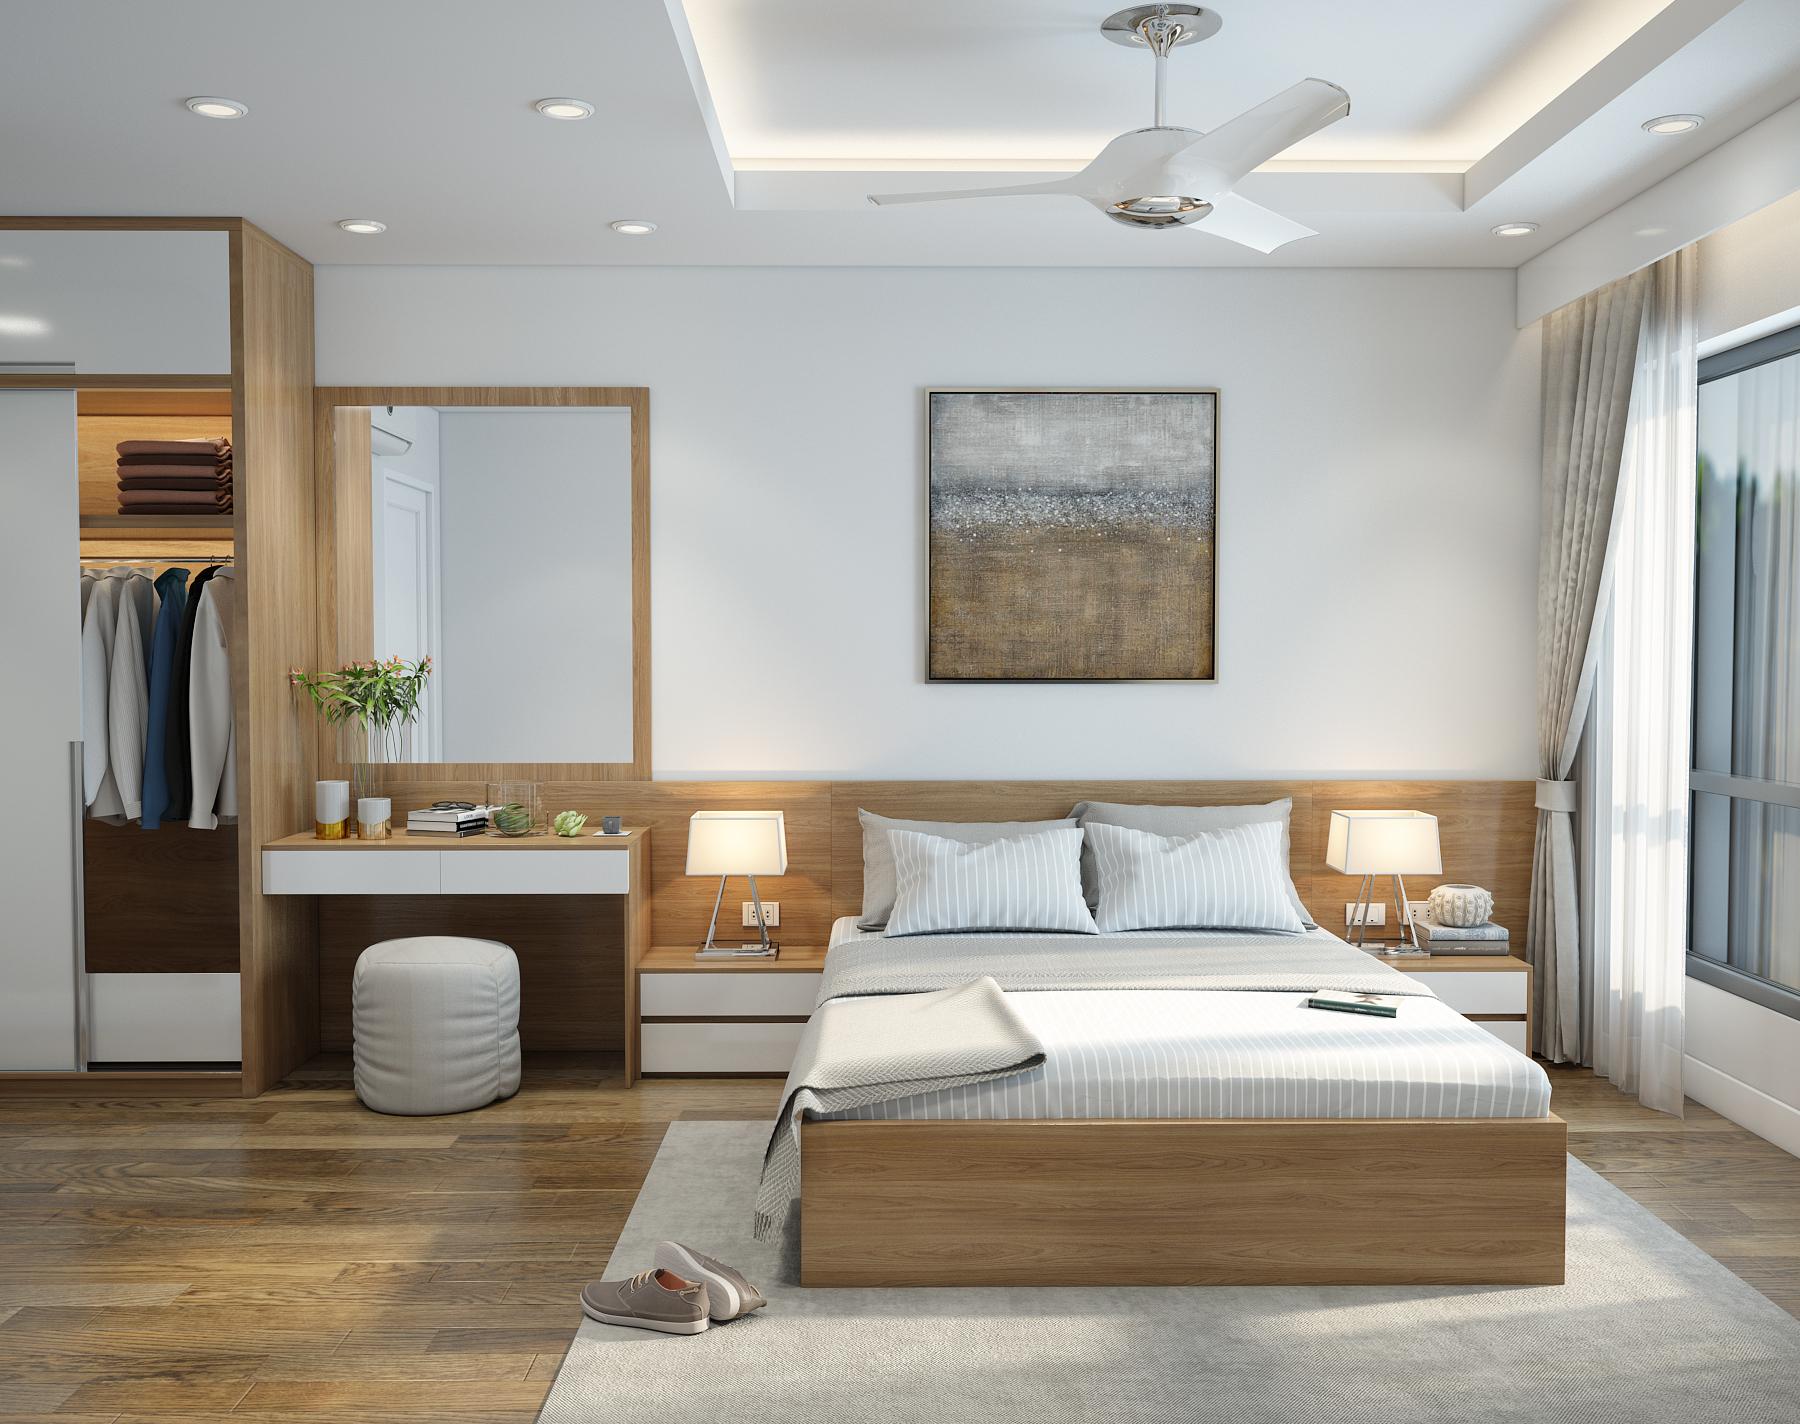 thiết kế nội thất chung cư tại Hà Nội Chung Cư An Bình City 24 1538039759